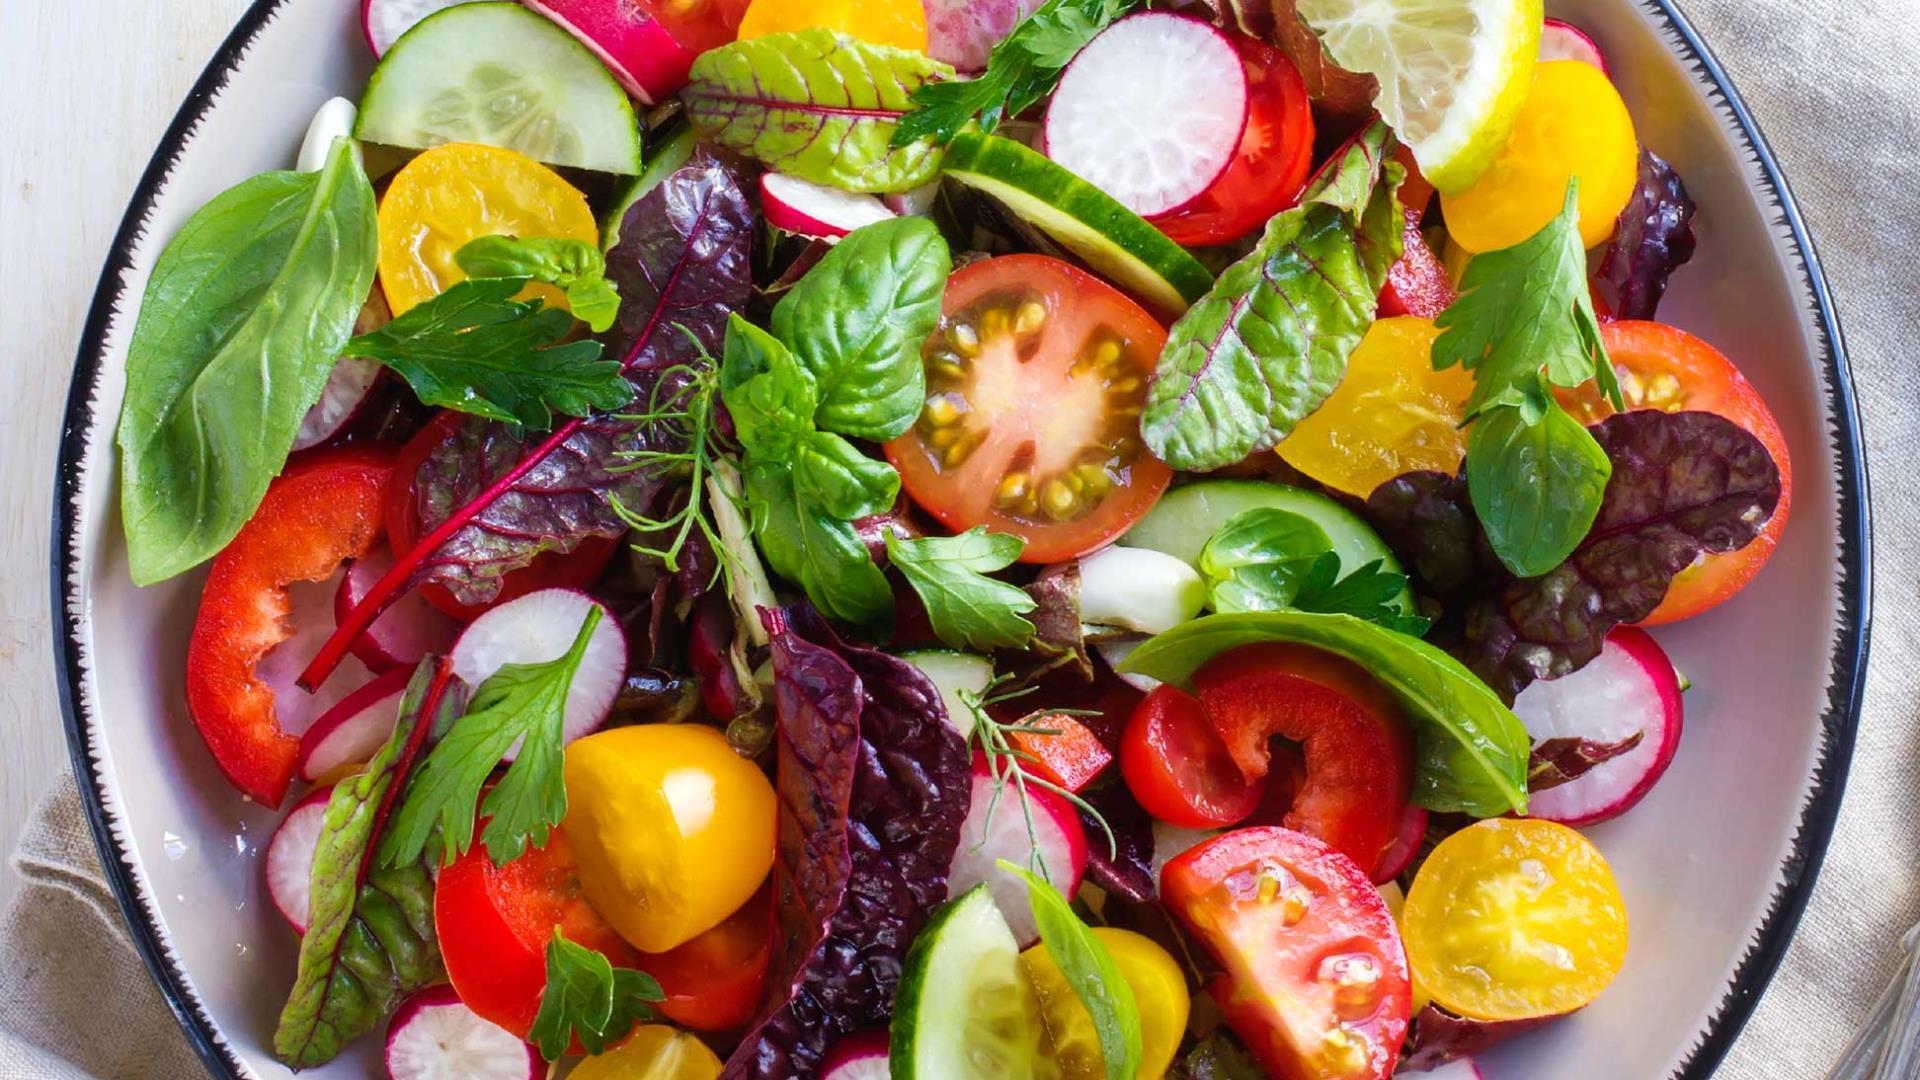 Los 10 mejores países europeos para vegetarianos